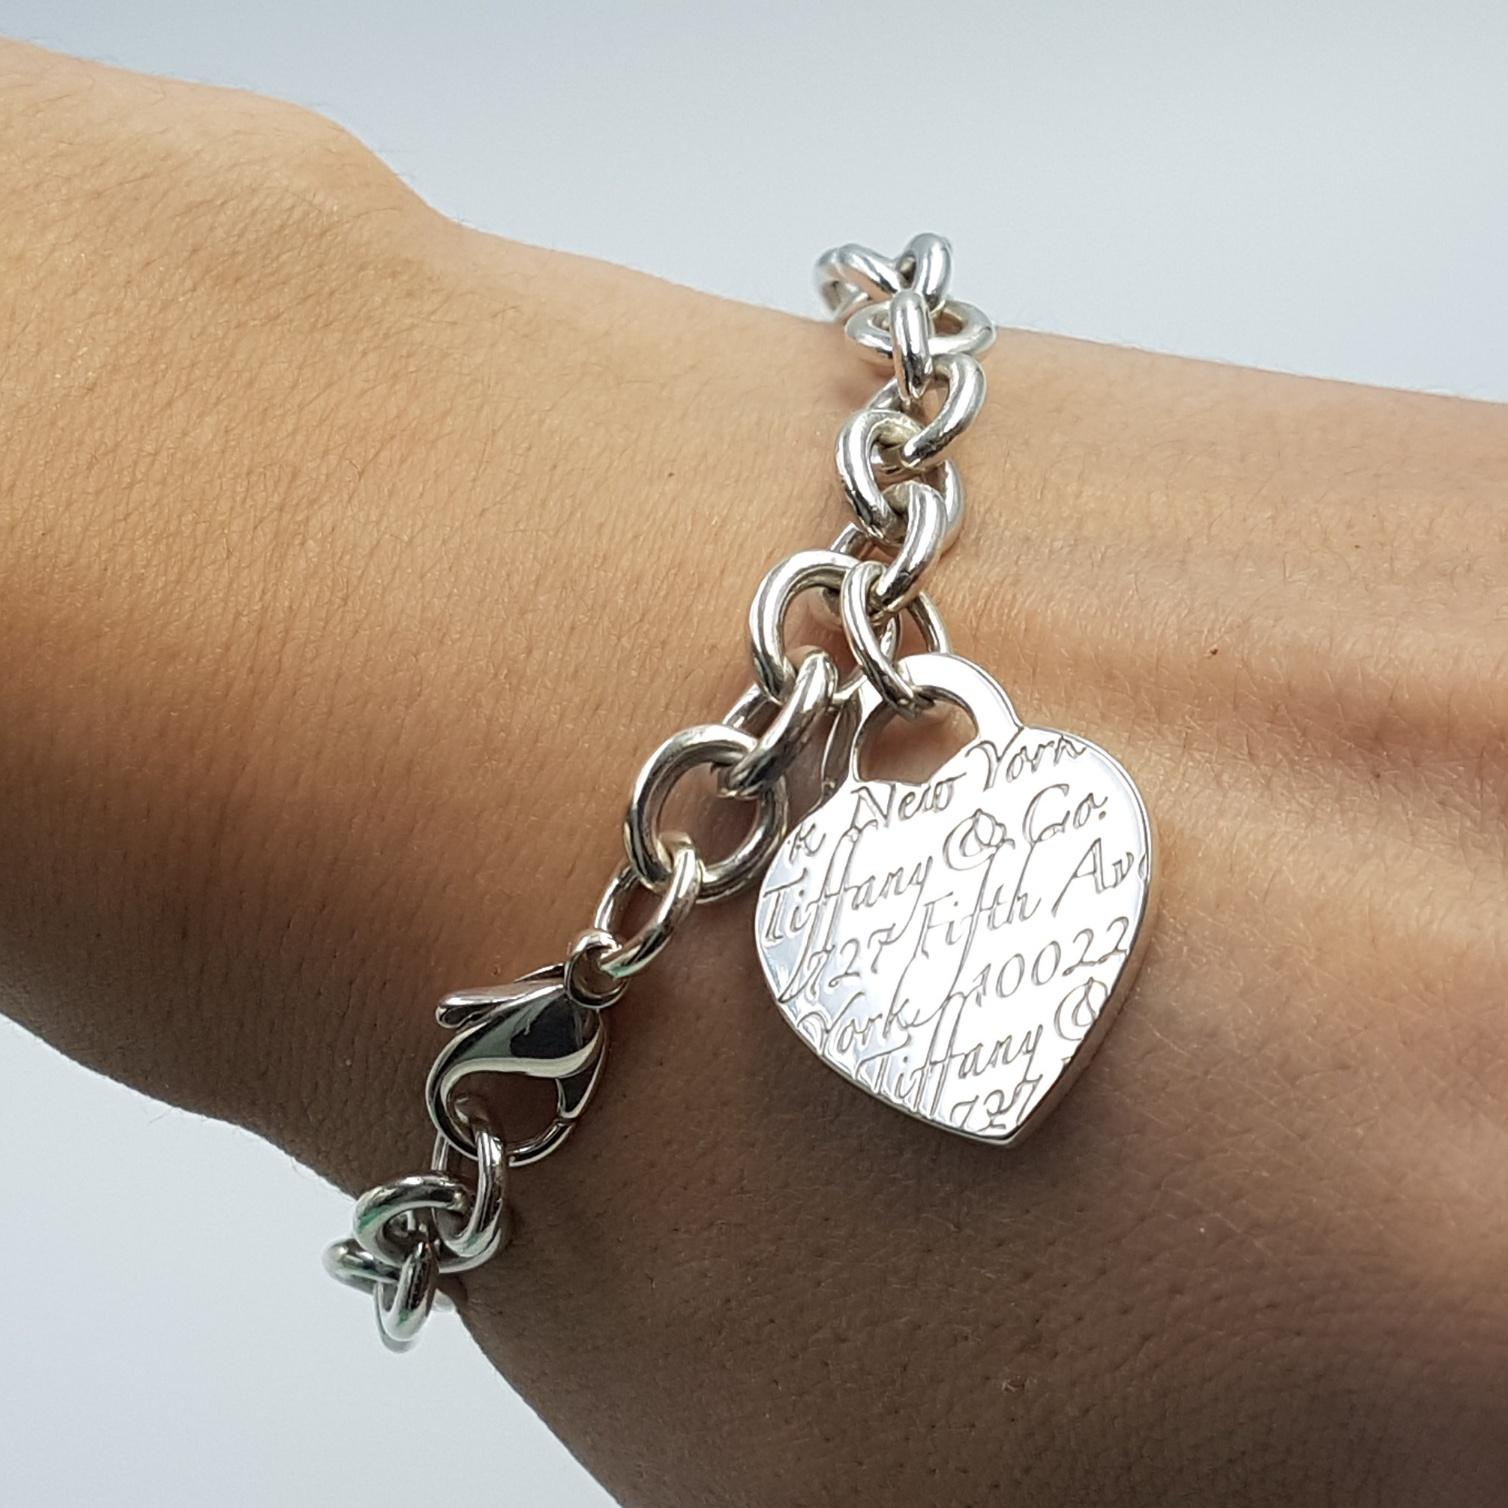 Tiffany Heart Bracelet >> Tiffany & Co 5th Avenue New York Notes Heart Charm ...